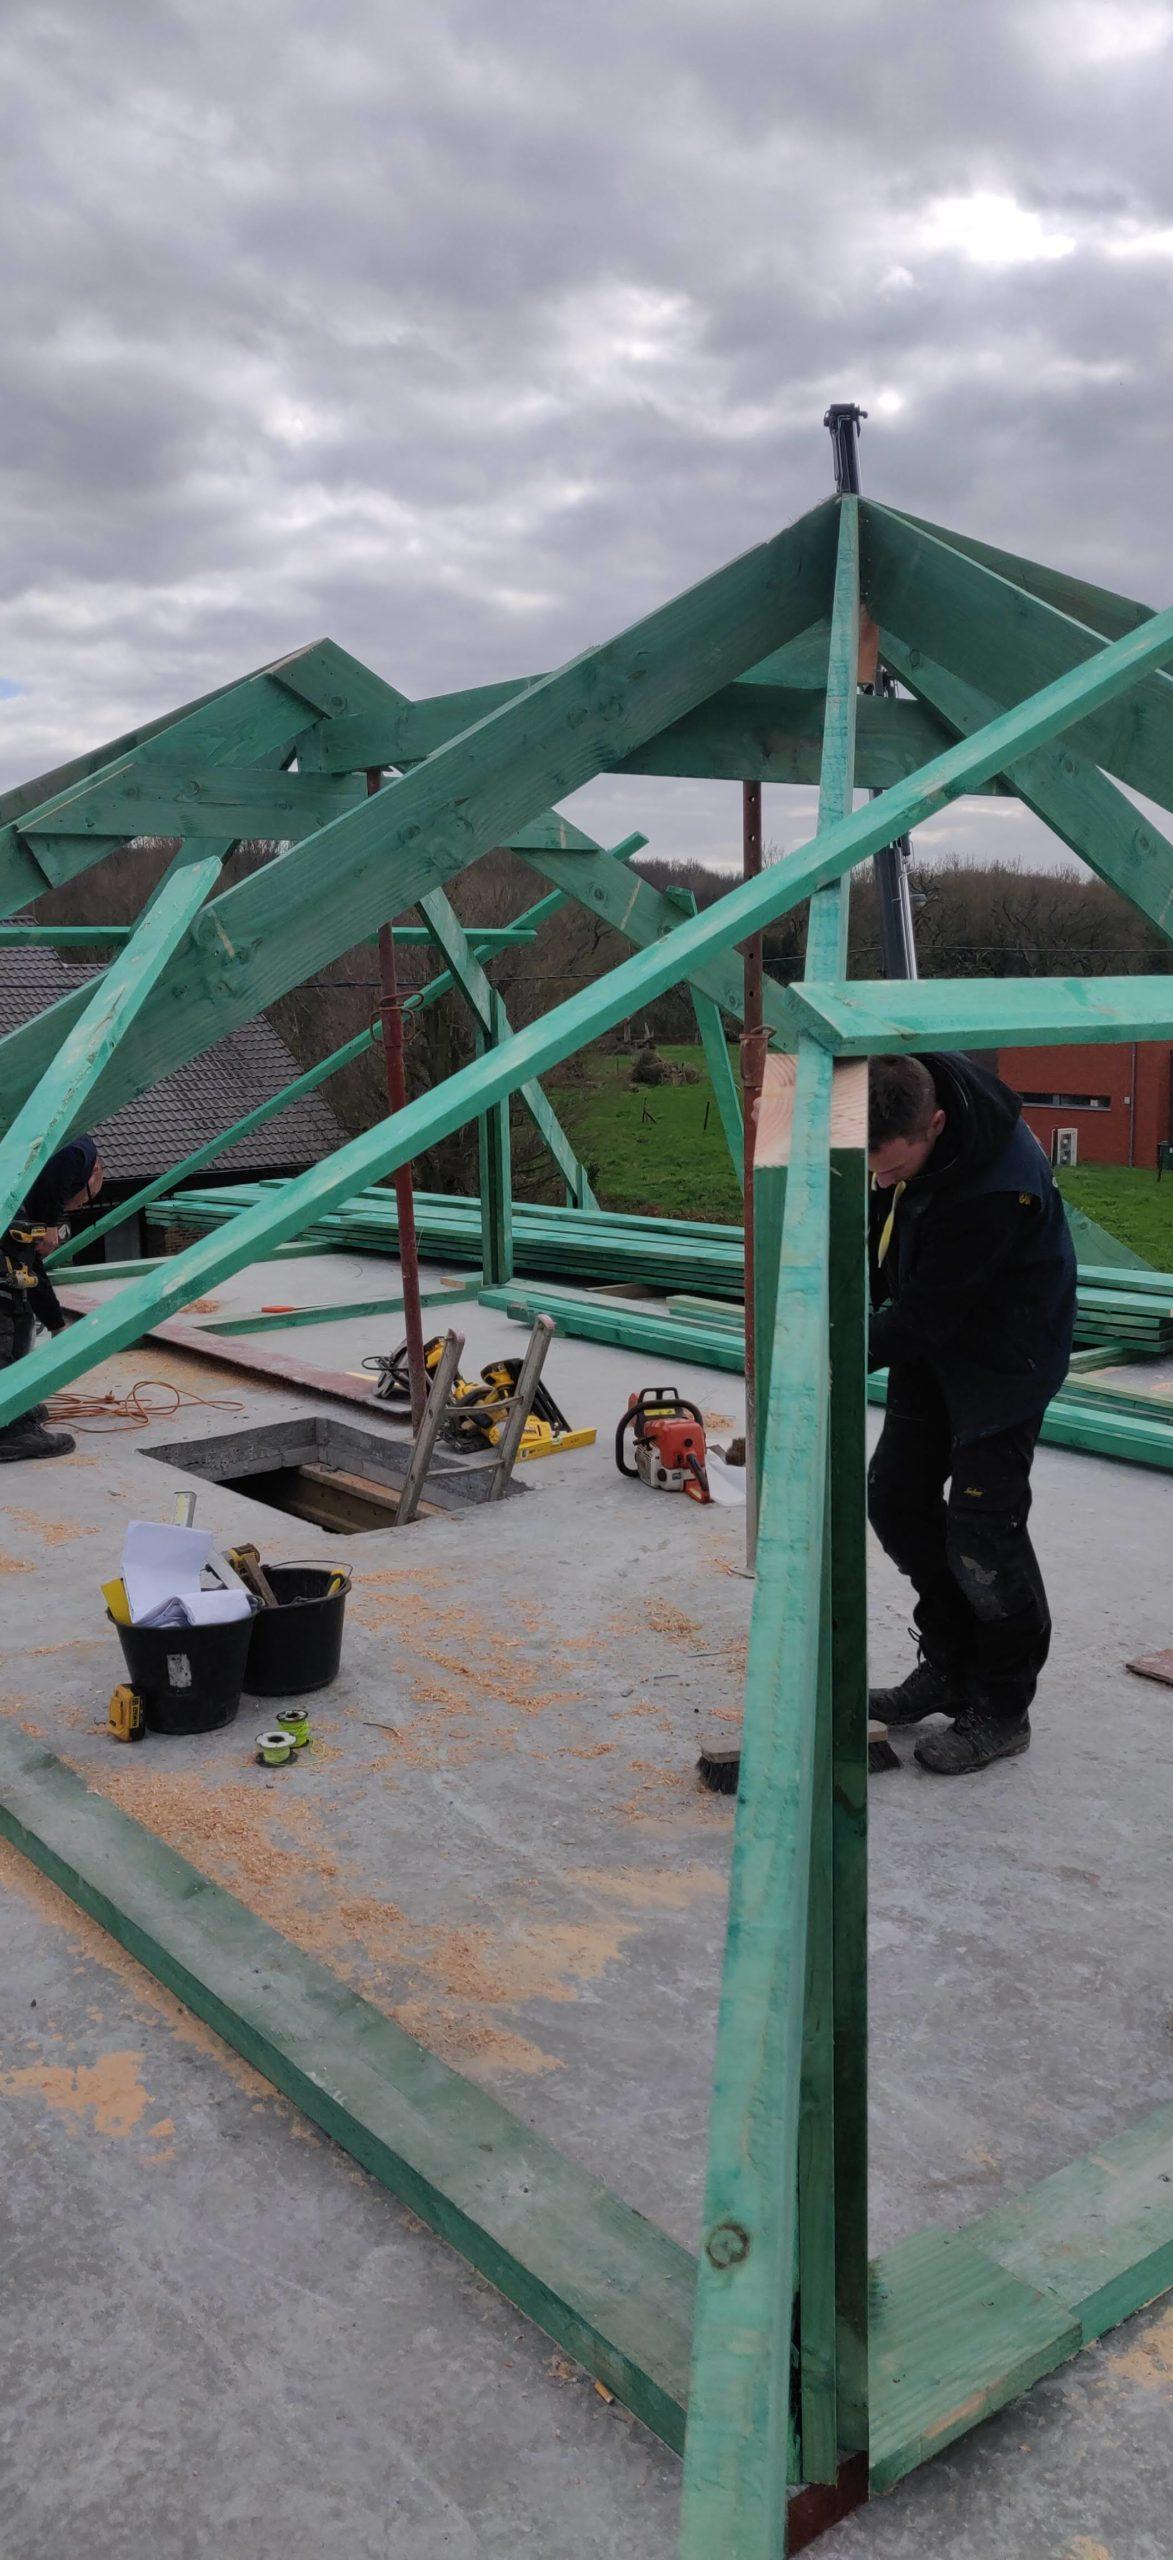 Nieuwbouw te Meerbeke gallery image 1